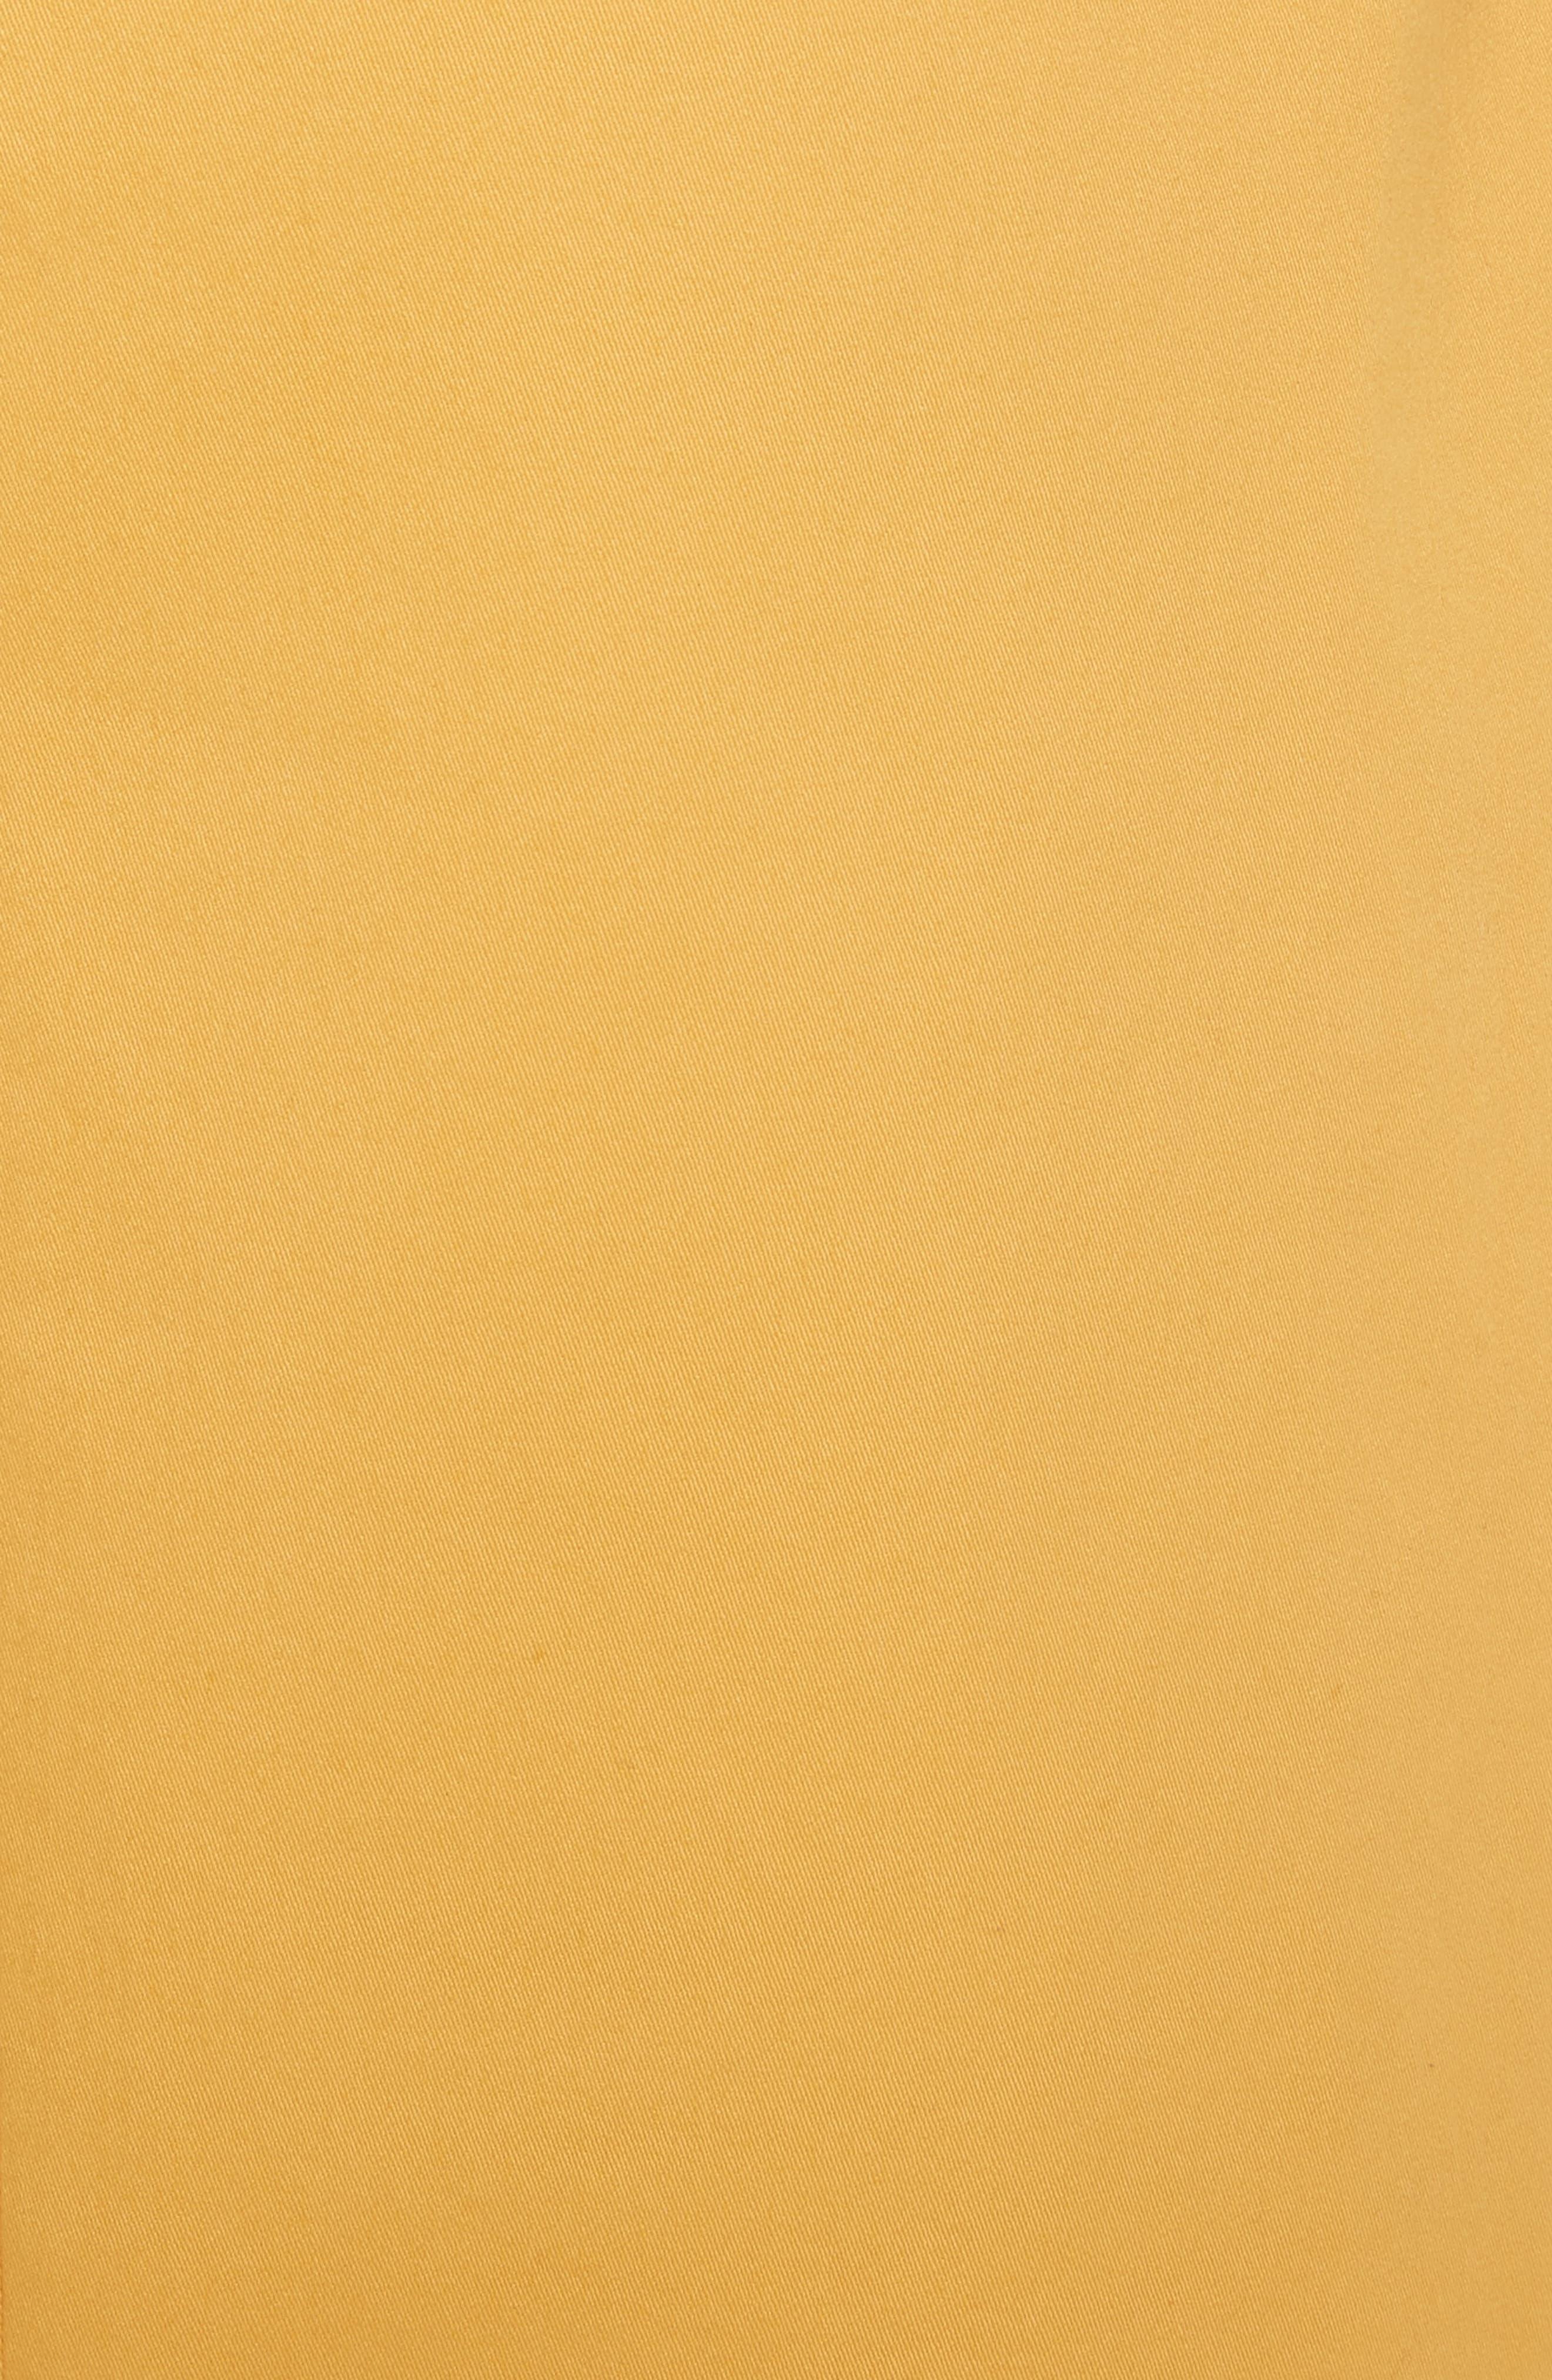 Belted Midi Skirt,                             Alternate thumbnail 5, color,                             700